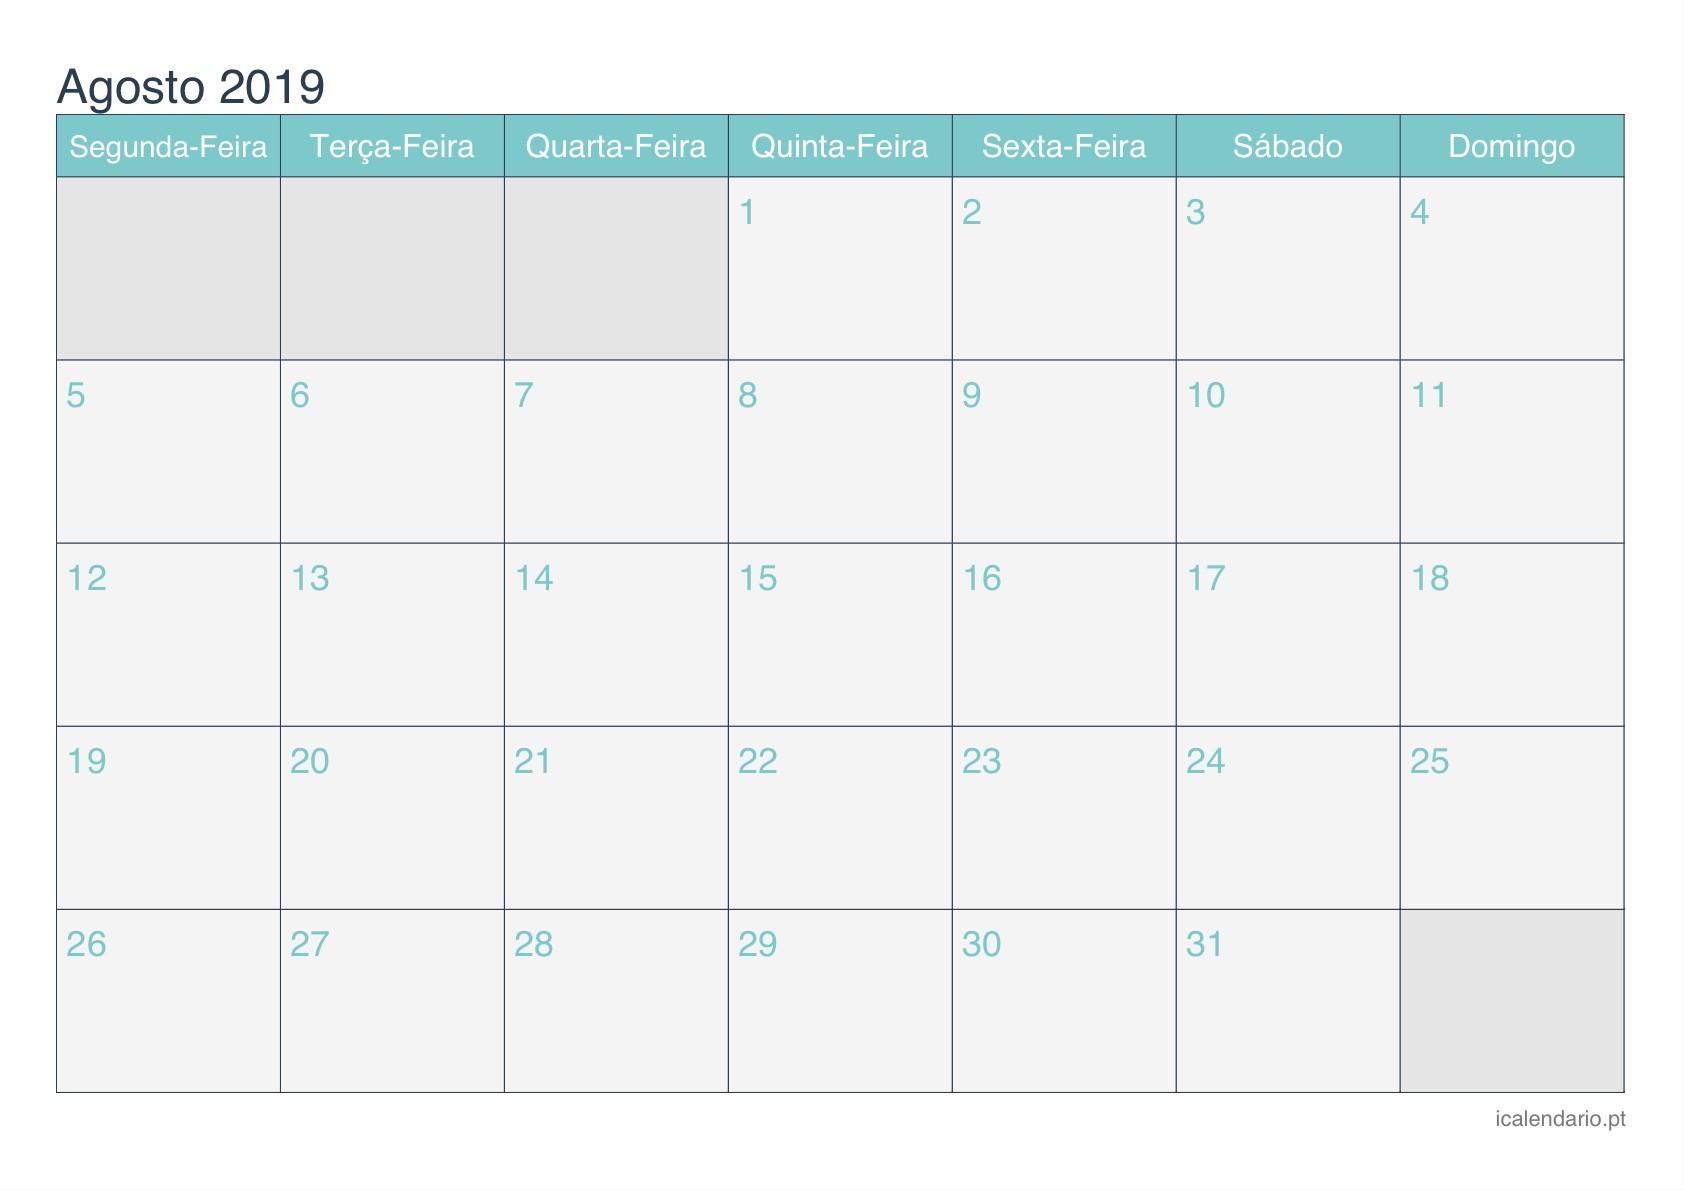 Calendario Imprimir Setembro 2019 Más Arriba-a-fecha Calendário Agosto 2019 Para Imprimir Icalendário